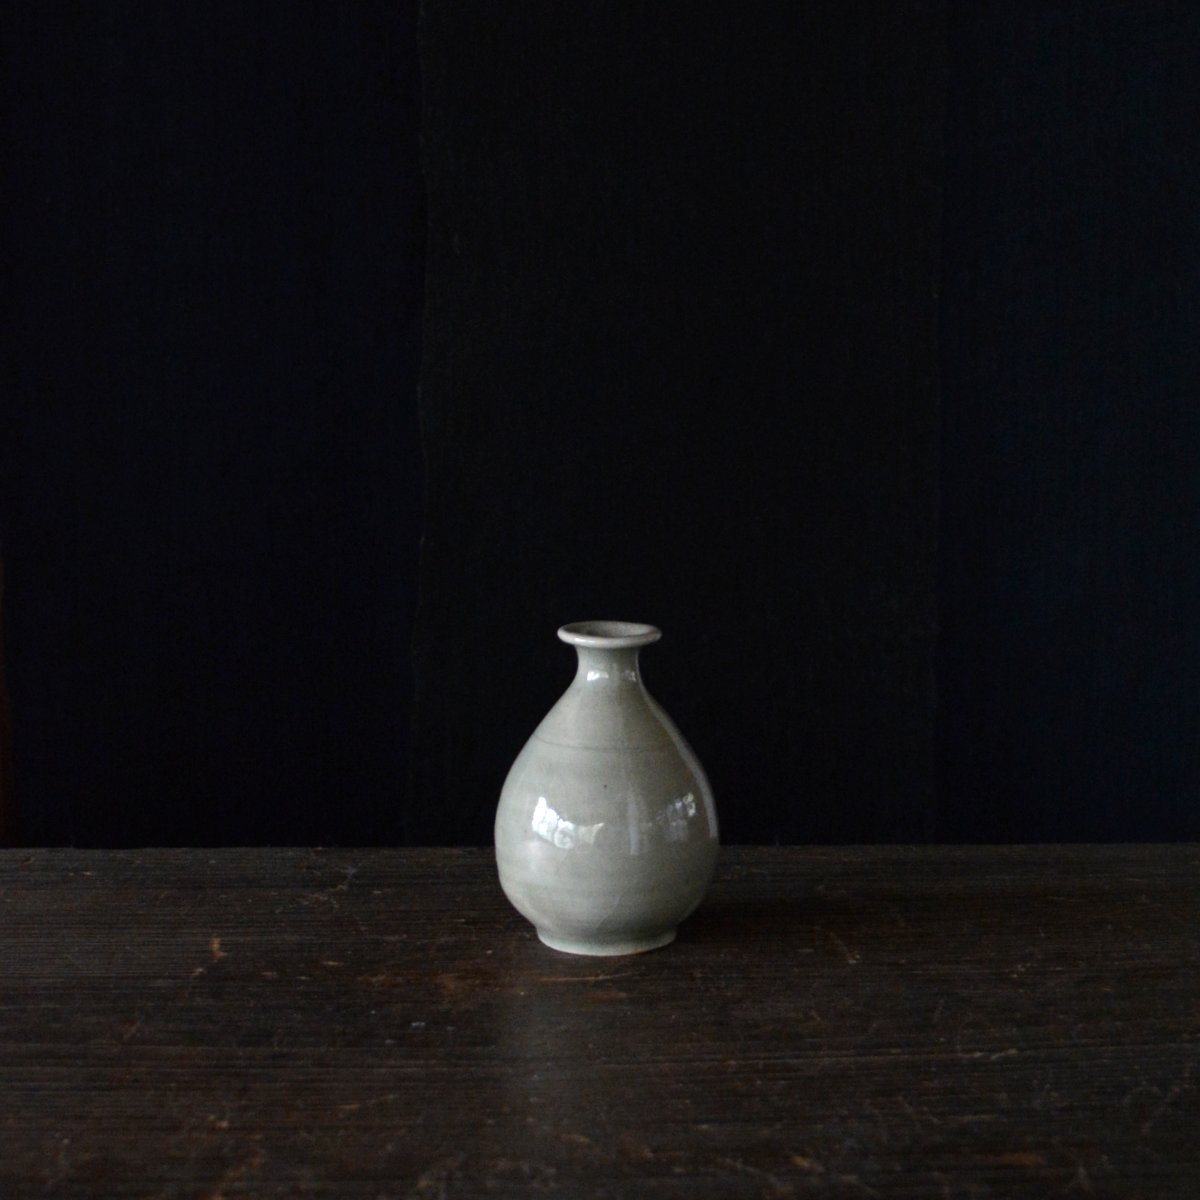 「山本亮平・ゆき 展 白瓷考」 4/7(土)より_d0087761_1843692.jpg